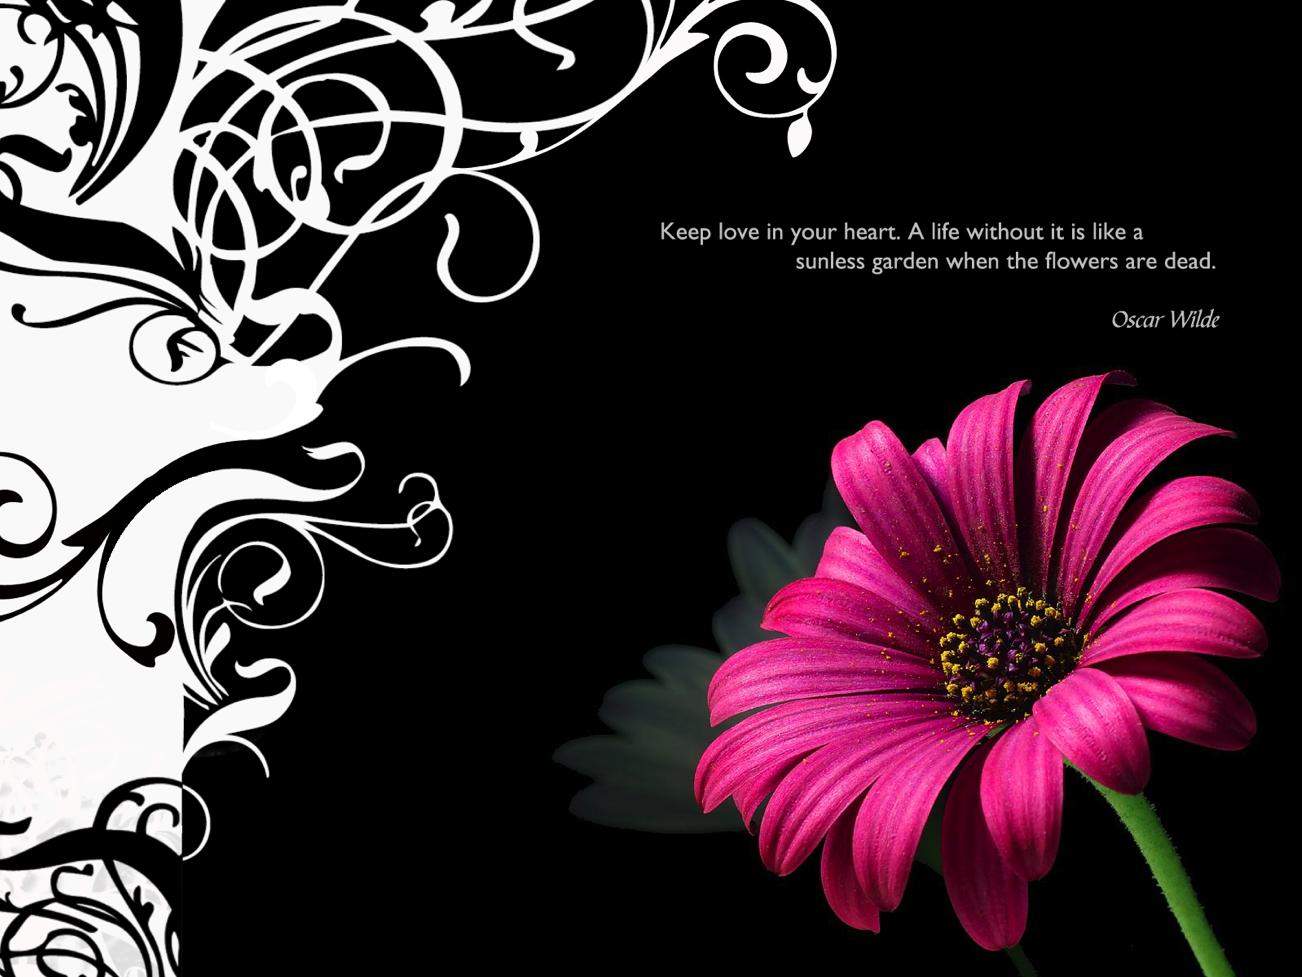 Greeting Wallpaper Download M4 American Greetings Wallpaper 1302x977